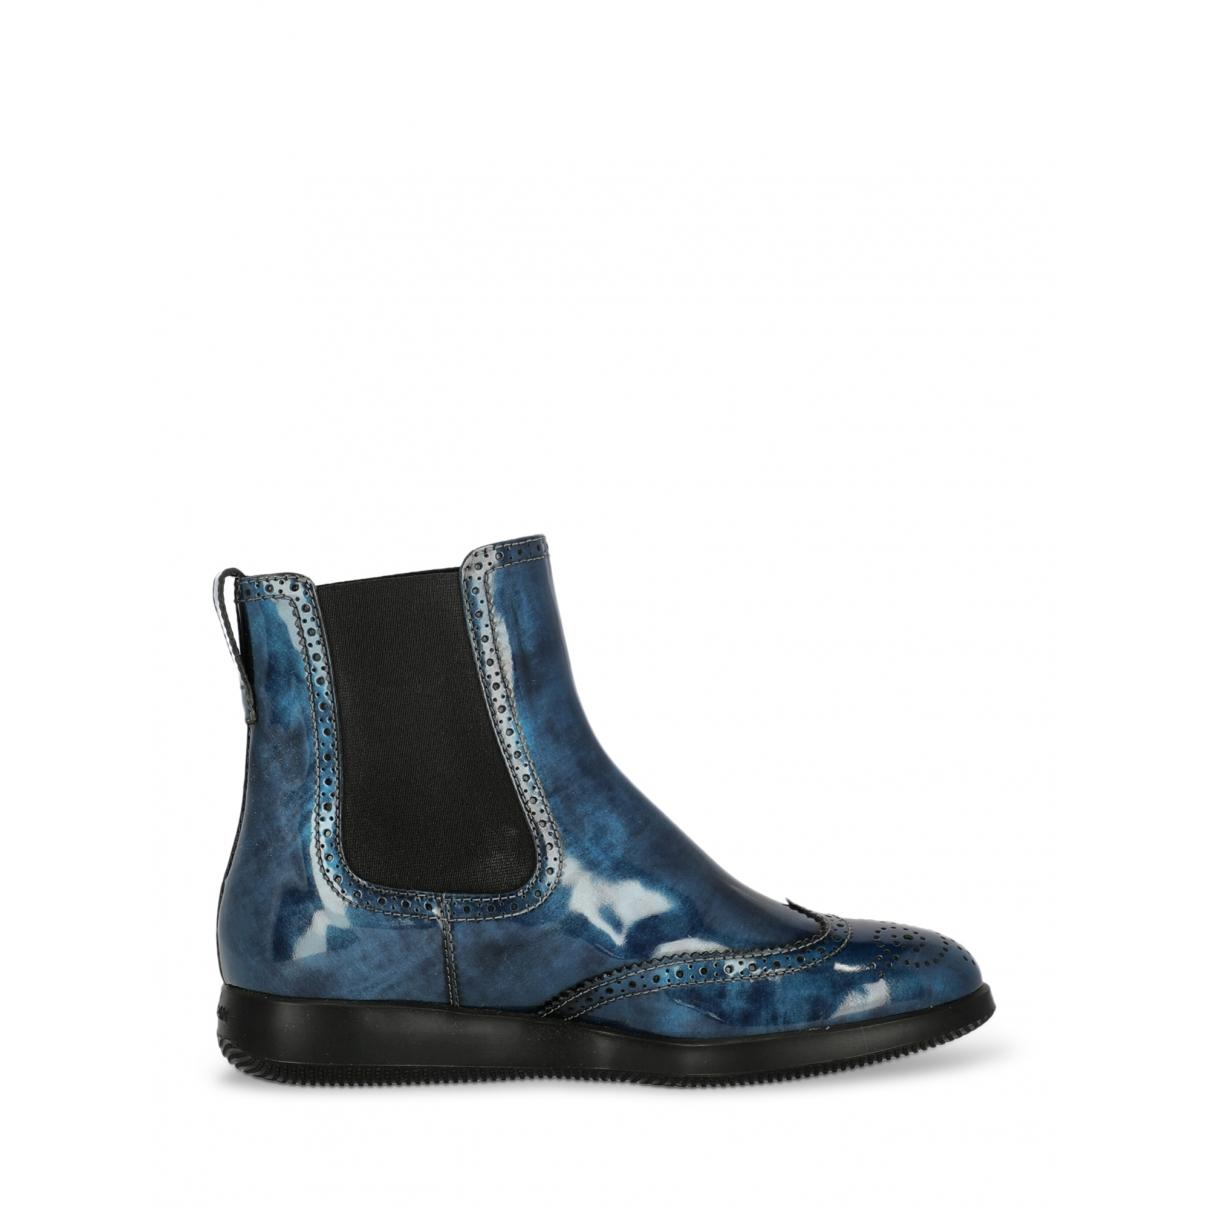 Hogan - Boots   pour femme en cuir verni - marine